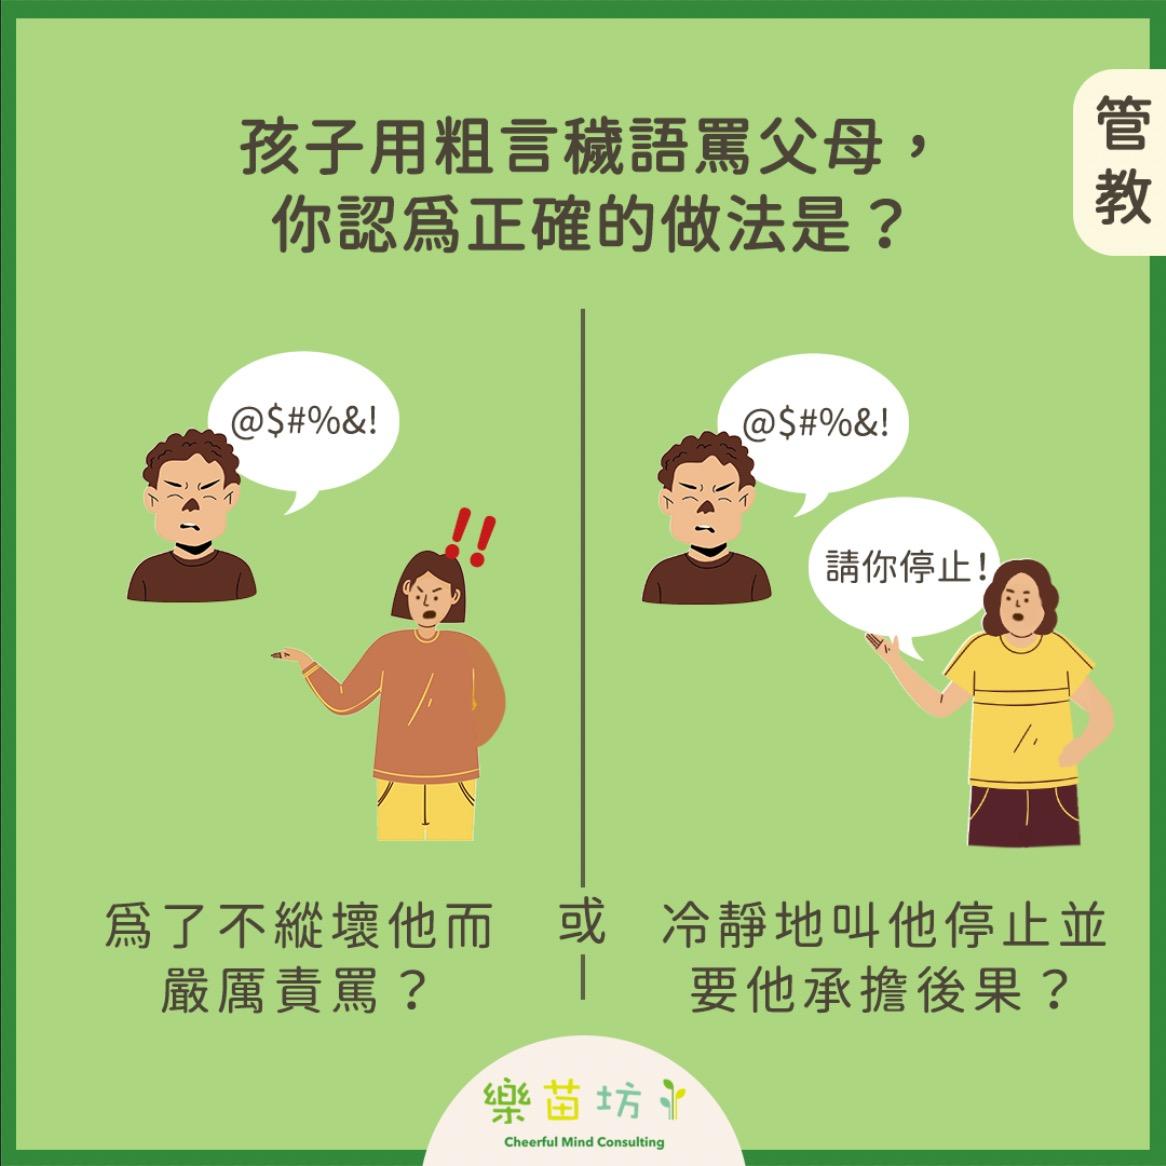 【父母小改變👩🏻🧑🏻 孩子大成長👧🏻🧒🏻 – 不惡罵不等於縱容 】#管教  孩子用粗言穢語罵父母,你認為正確的做法是?